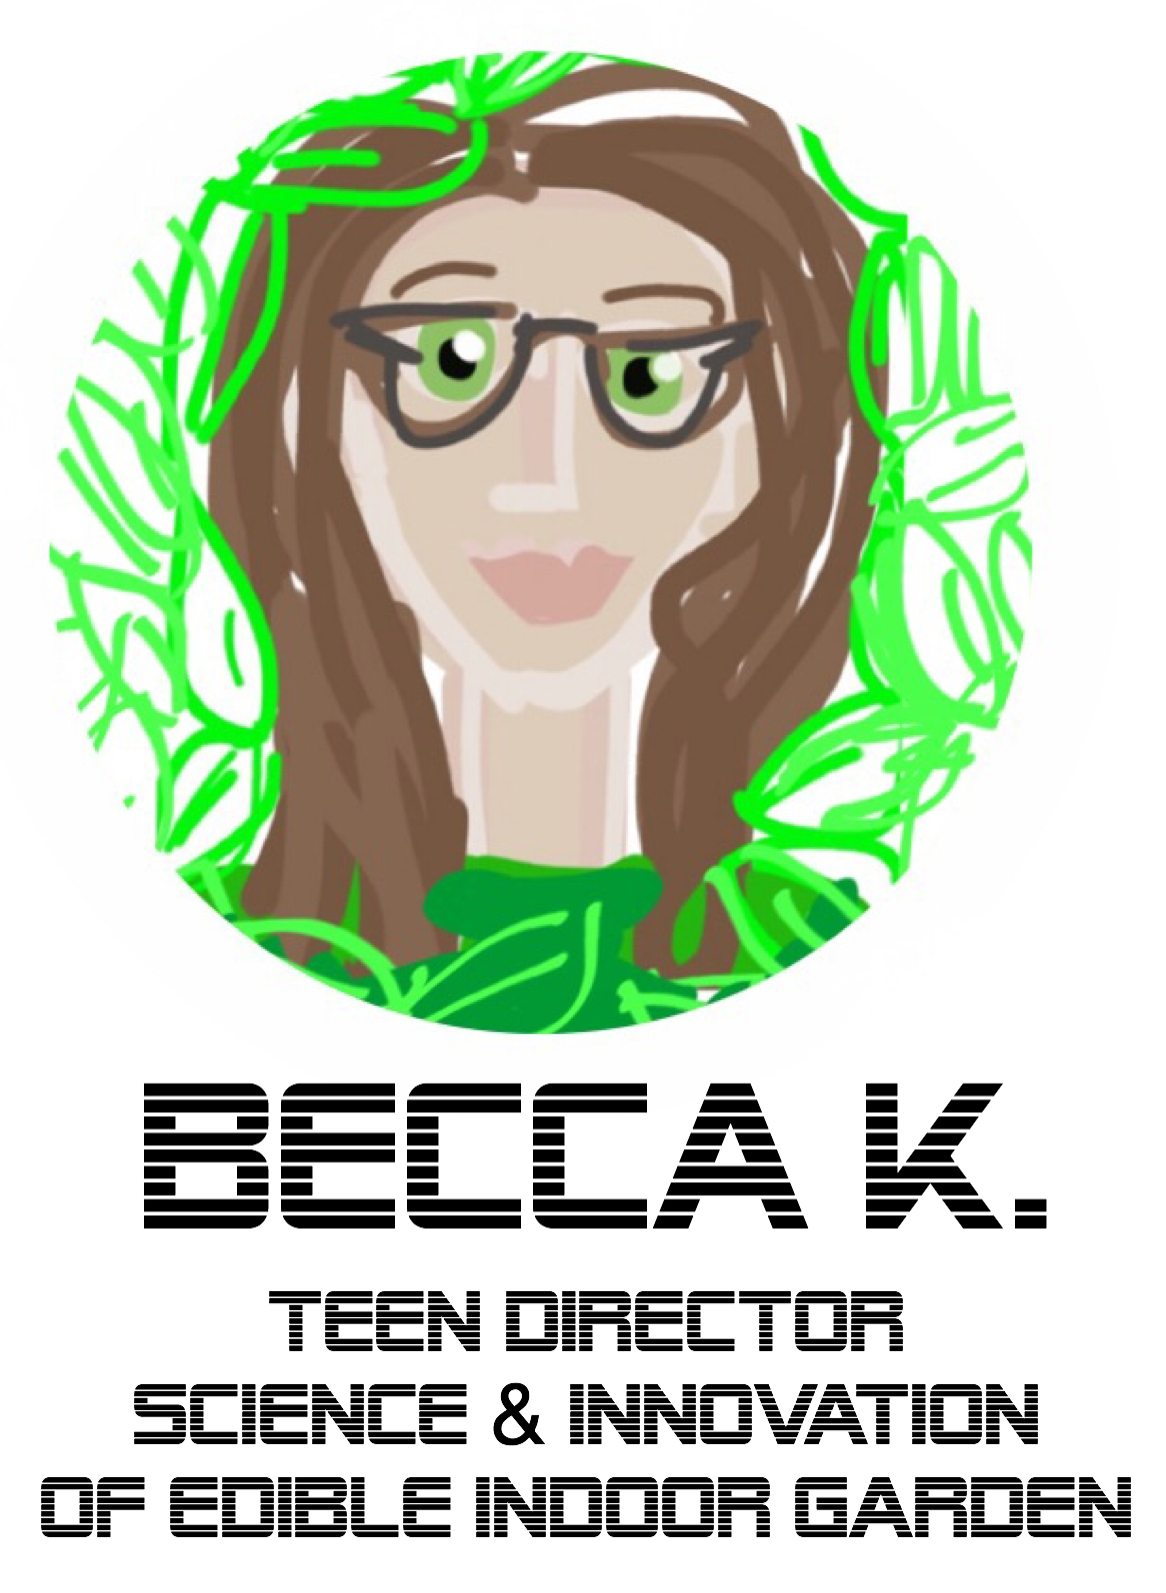 Becca K.